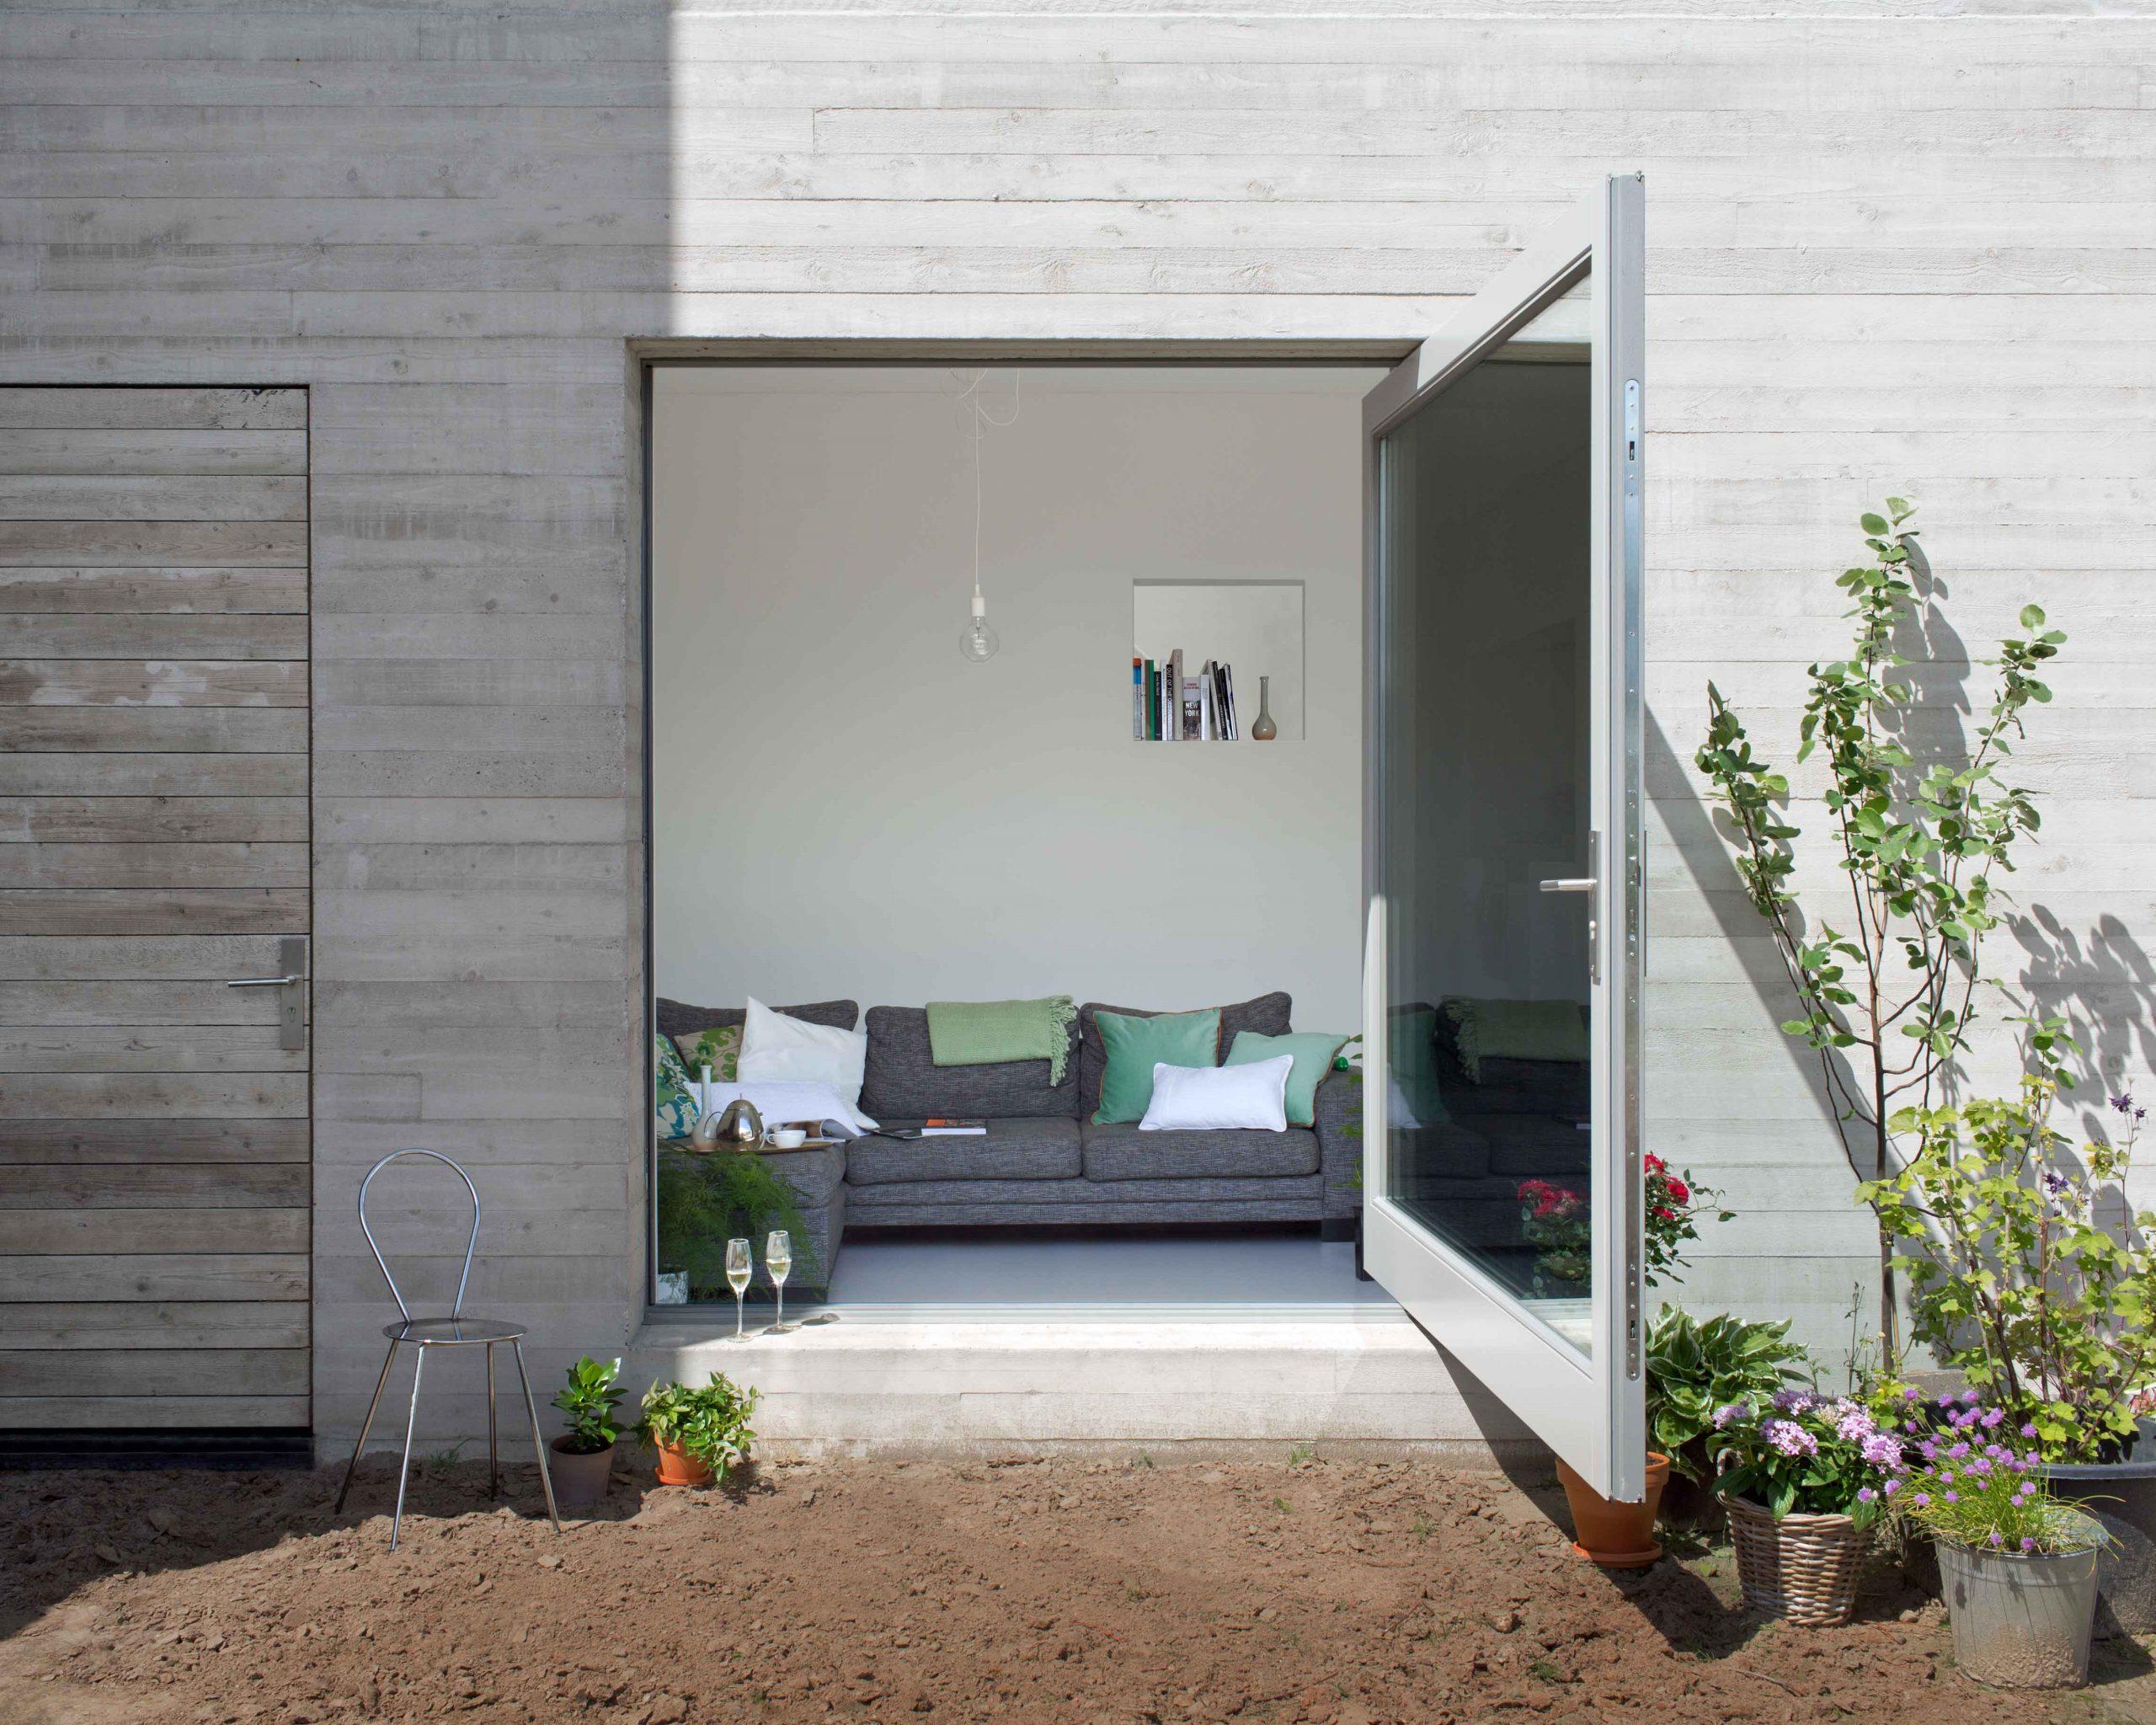 grande-porta-a-battente-in-vetro-sul-giardino-con-telaio-in-acciaio-bianco-1-fritsjurgens-1-scaled.jpg